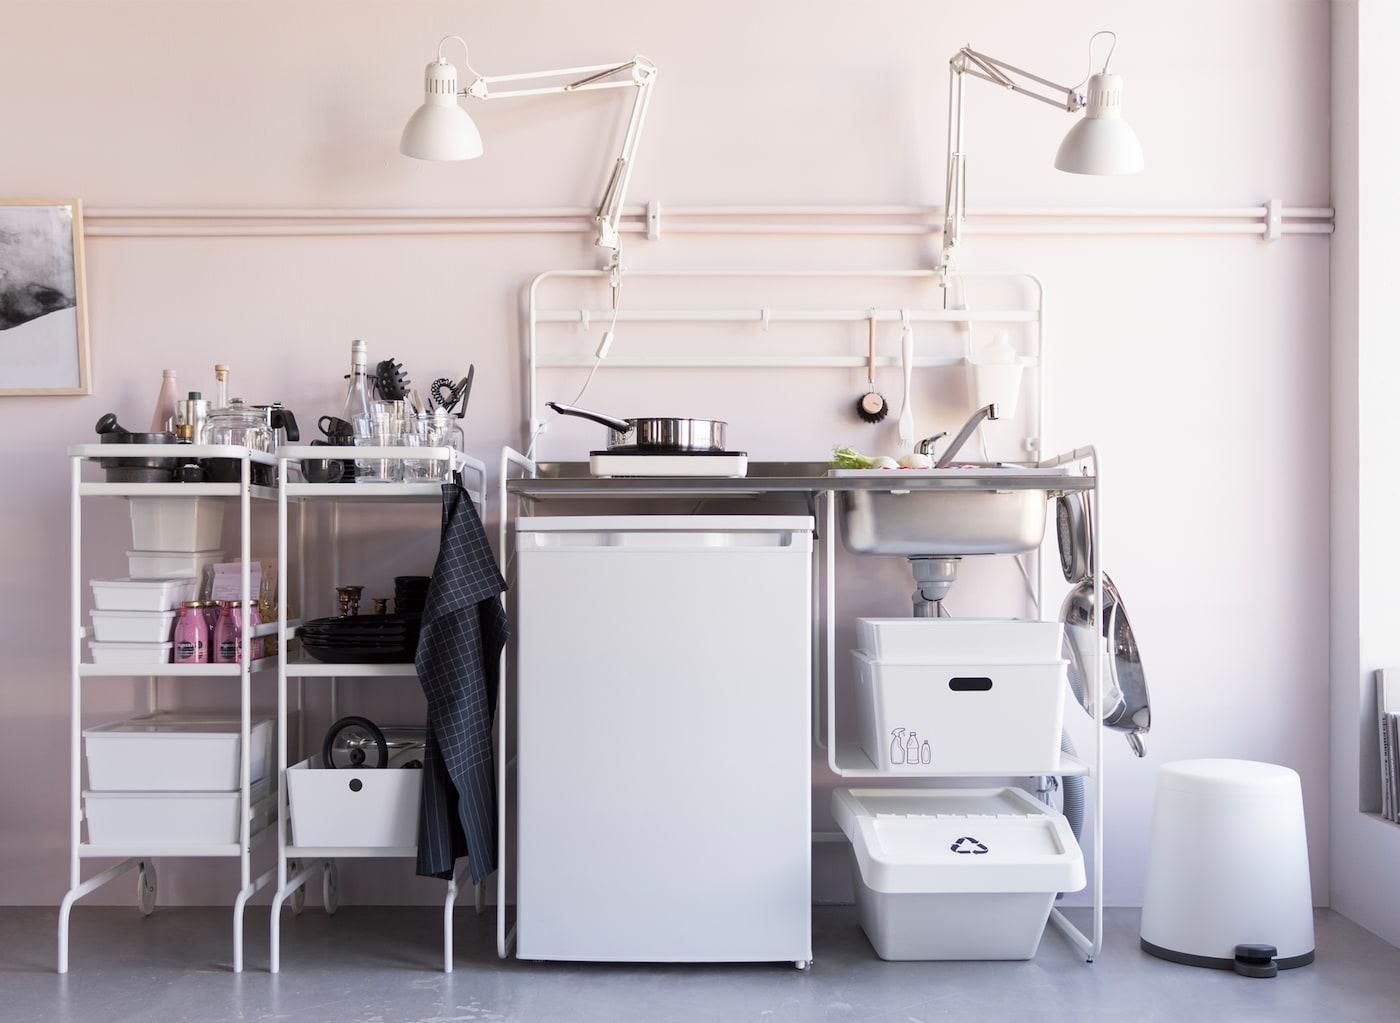 Perfekt IKEA Bietet Clevere Und Kompakte Küchenelemente, Wie Z.B. SUNNERSTA  Miniküche. Wenn Du Nach Erschwinglichen